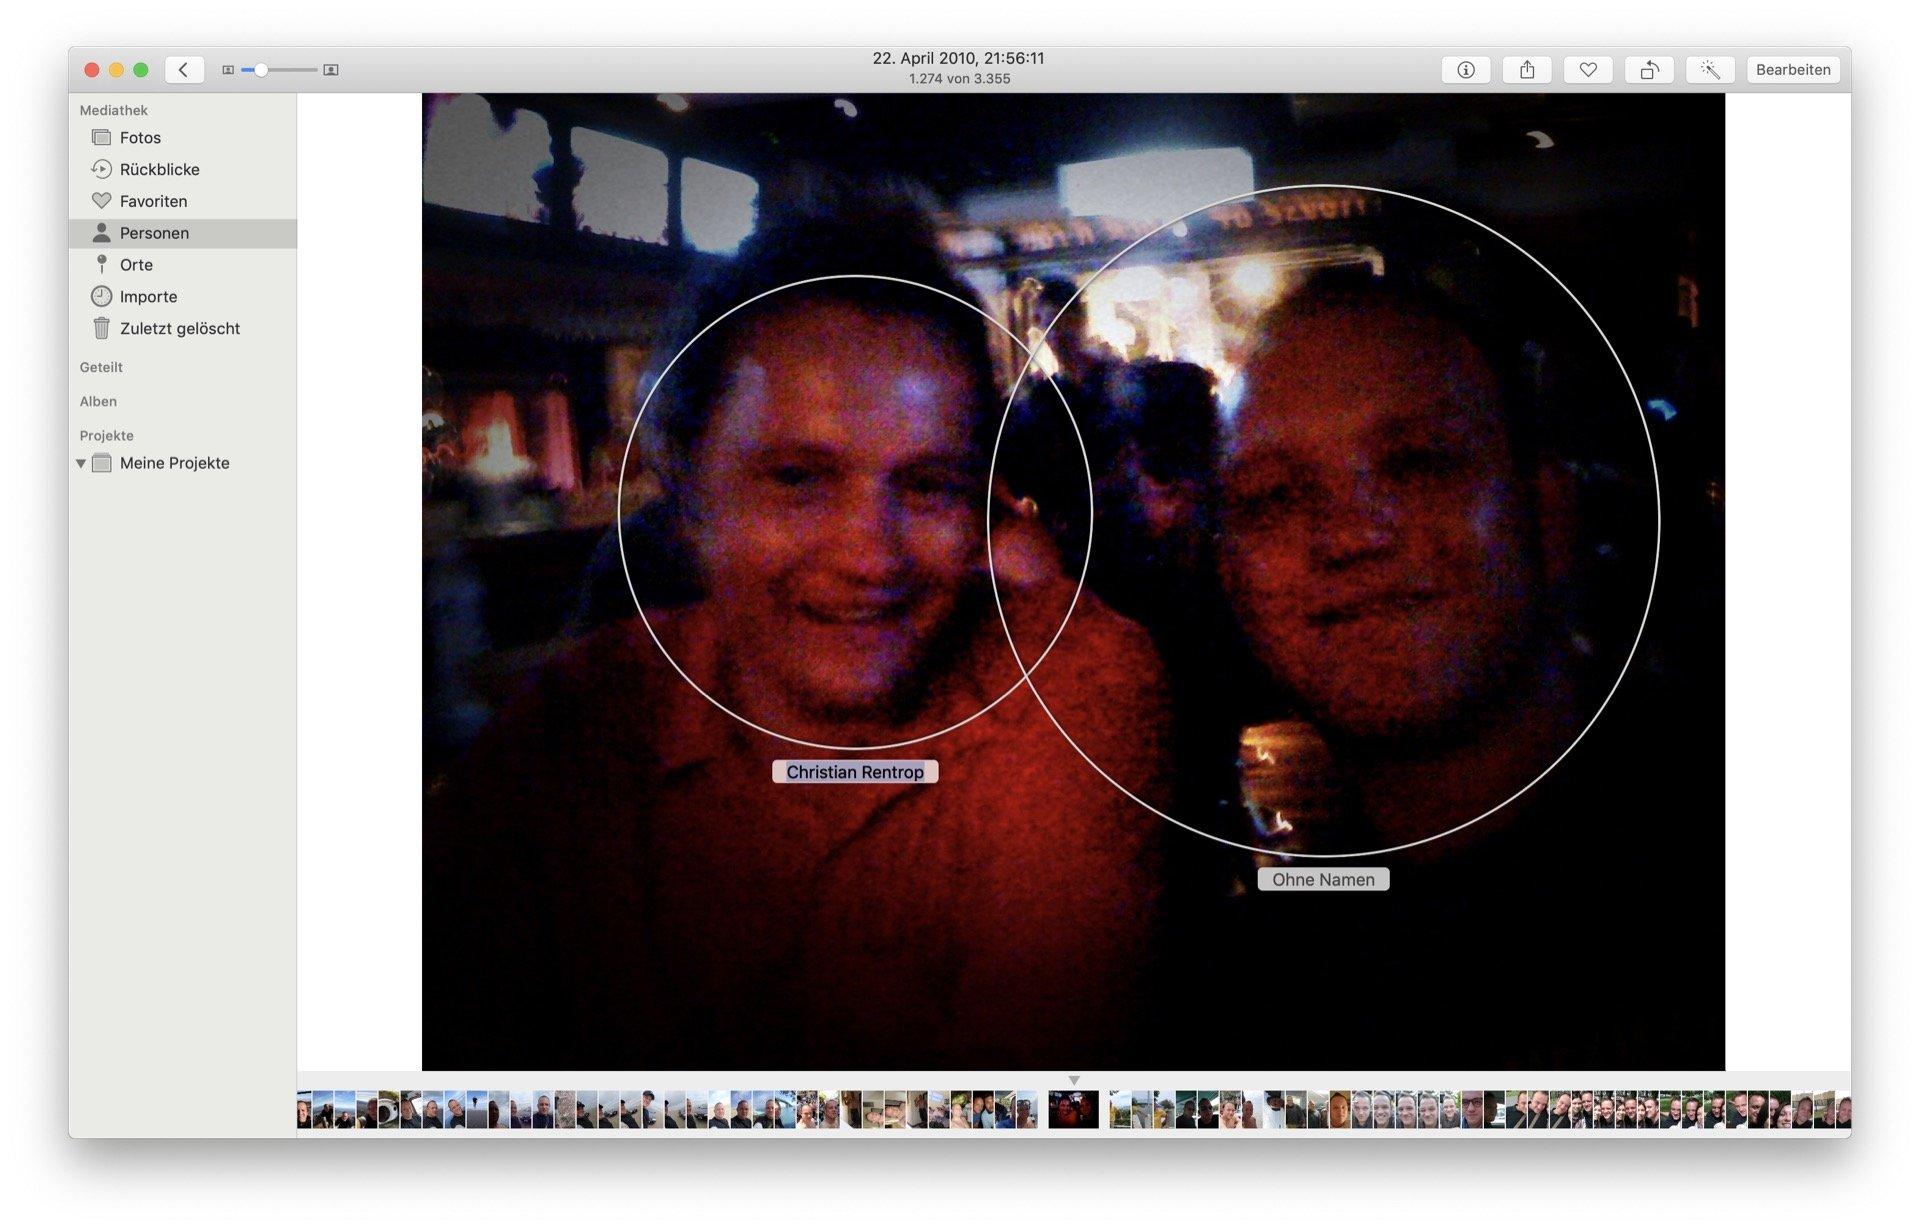 Ich bin rechts im Bild, Fotos erkennt mich aber links, weil mir meine zufällige Trinkbekanntschaft offenbar aus Sicht des Algorithmus ähnlich sieht. Ändern ist leicht: Ihr müsst einfach den Namen des falschen Tags korrigieren.